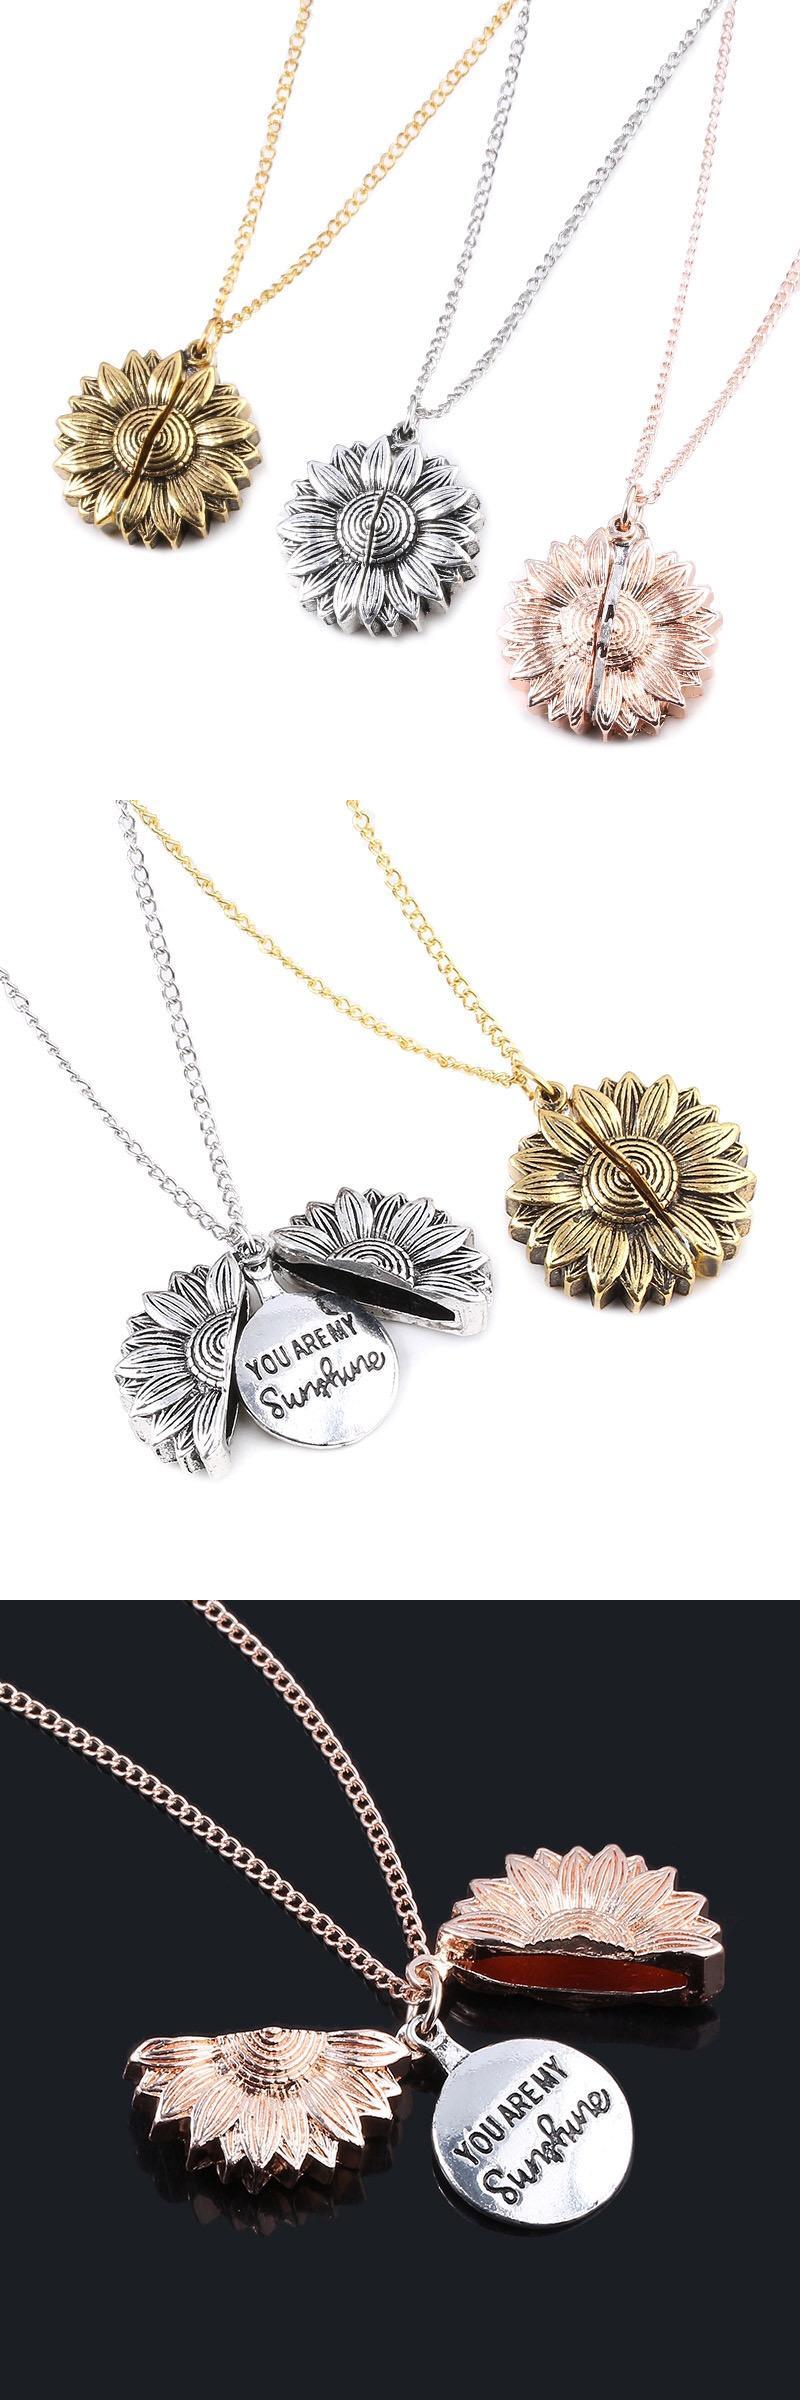 Модные украшения женский Девушка сплав в форме цветка двойной слой цепи ювелирные изделия цепи